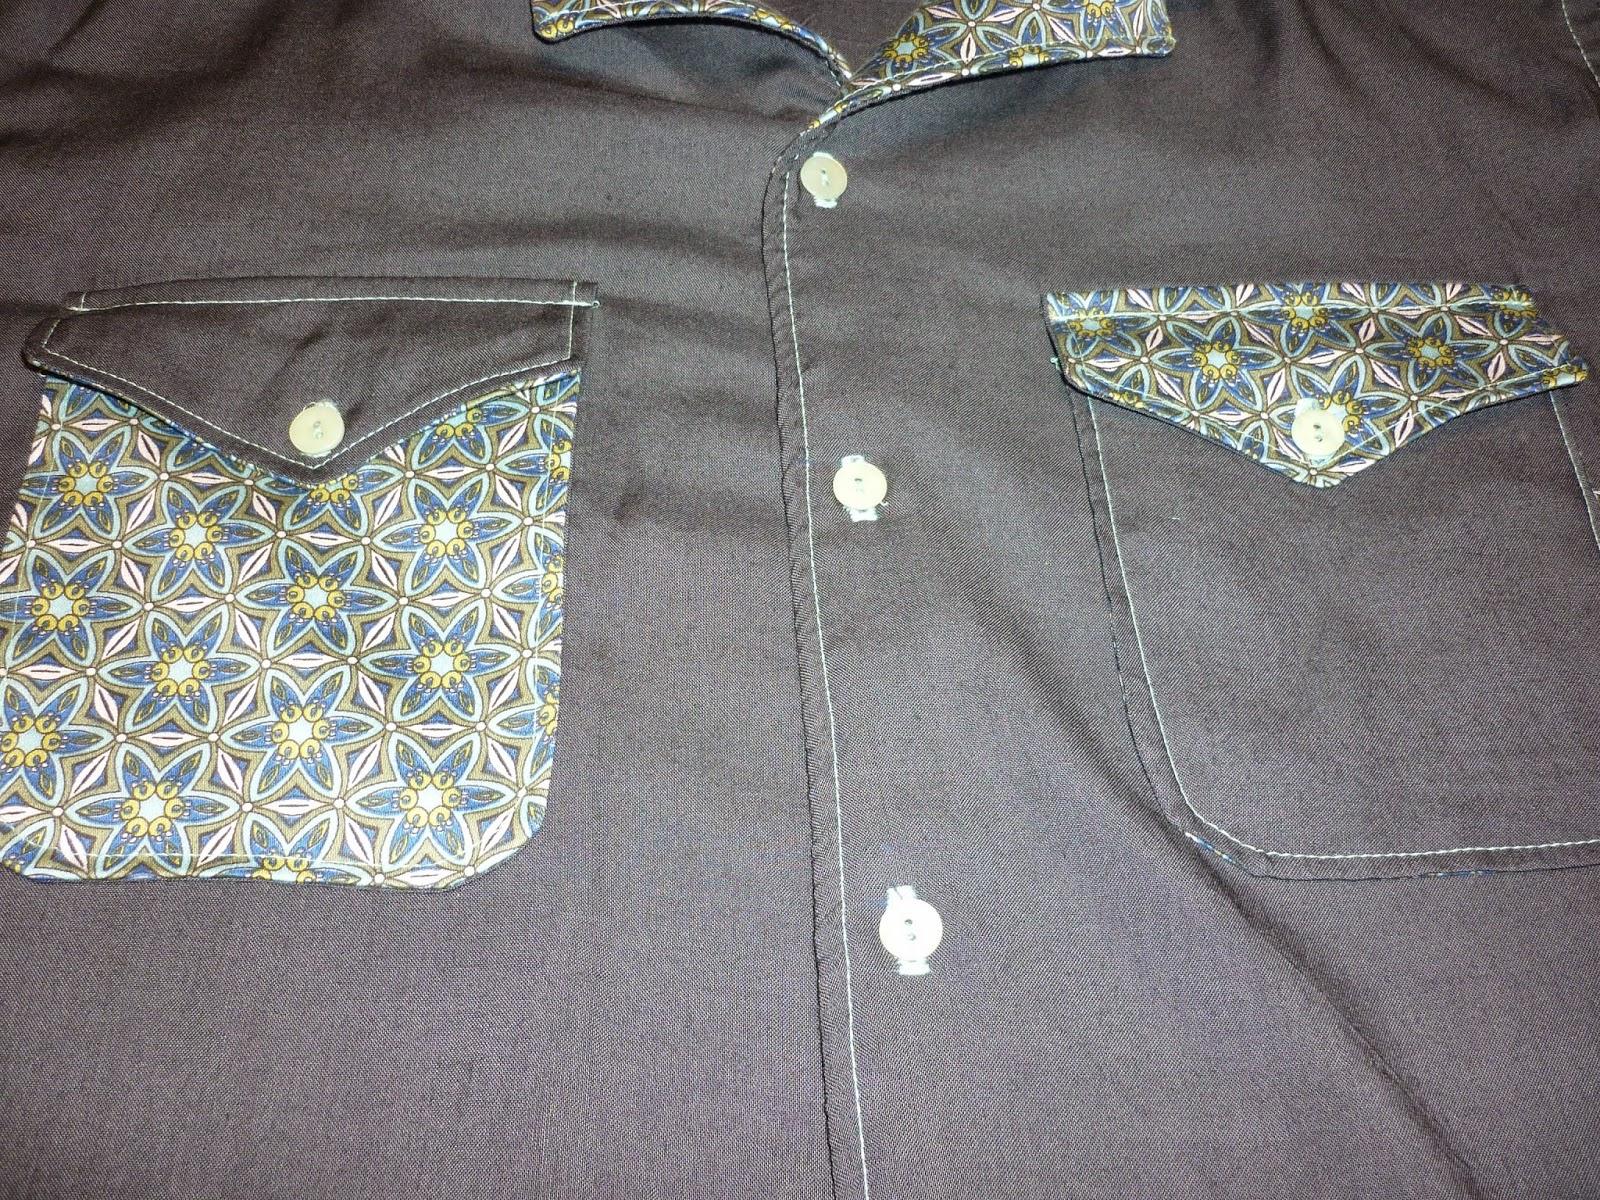 modistilla de pacotilla negroni colette patterns camisa hombre